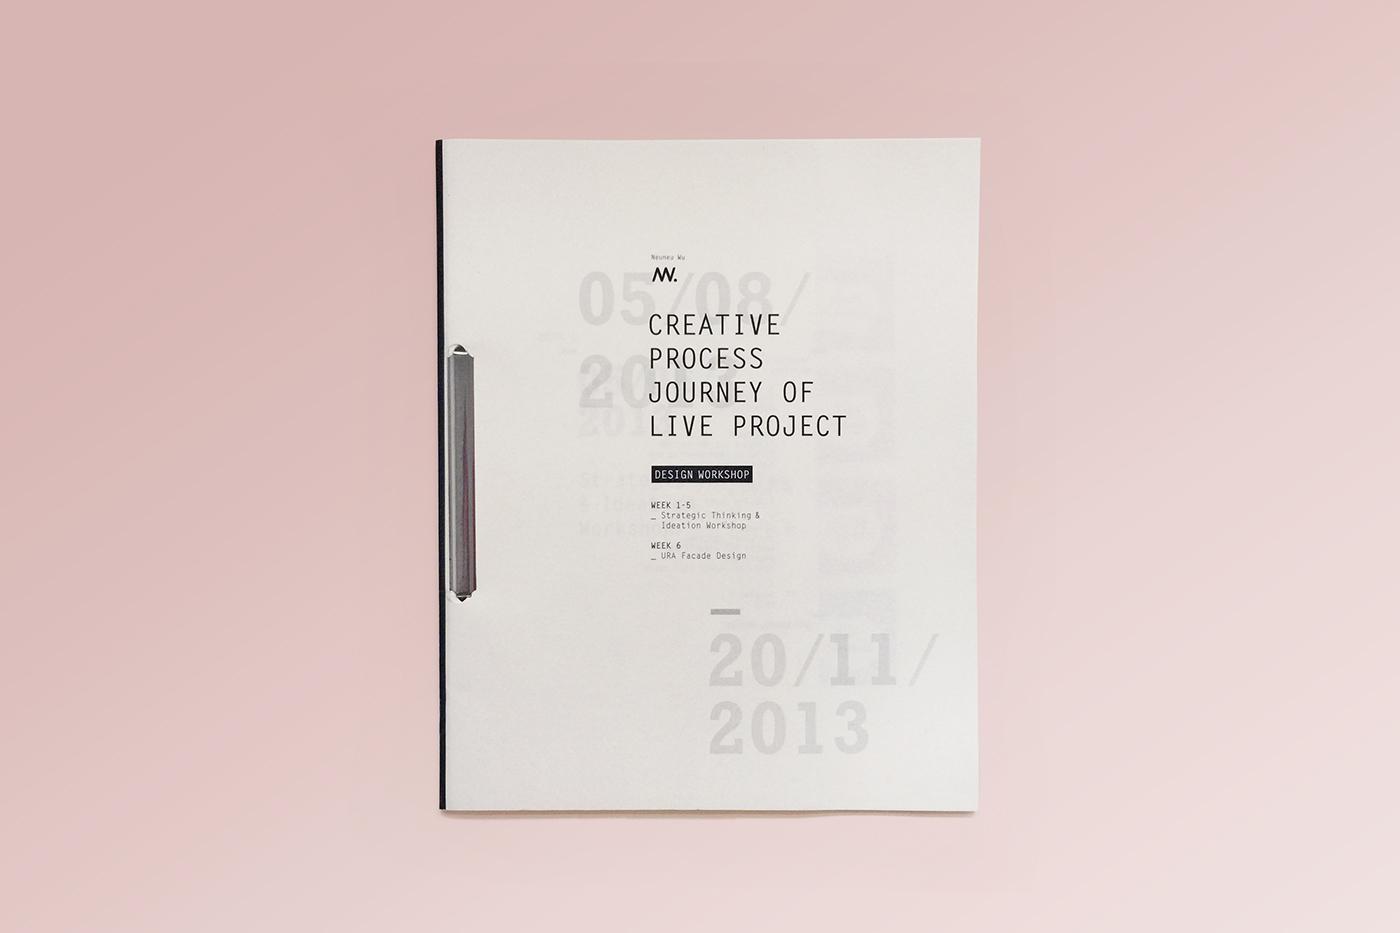 優質的23款作品集排版設計欣賞